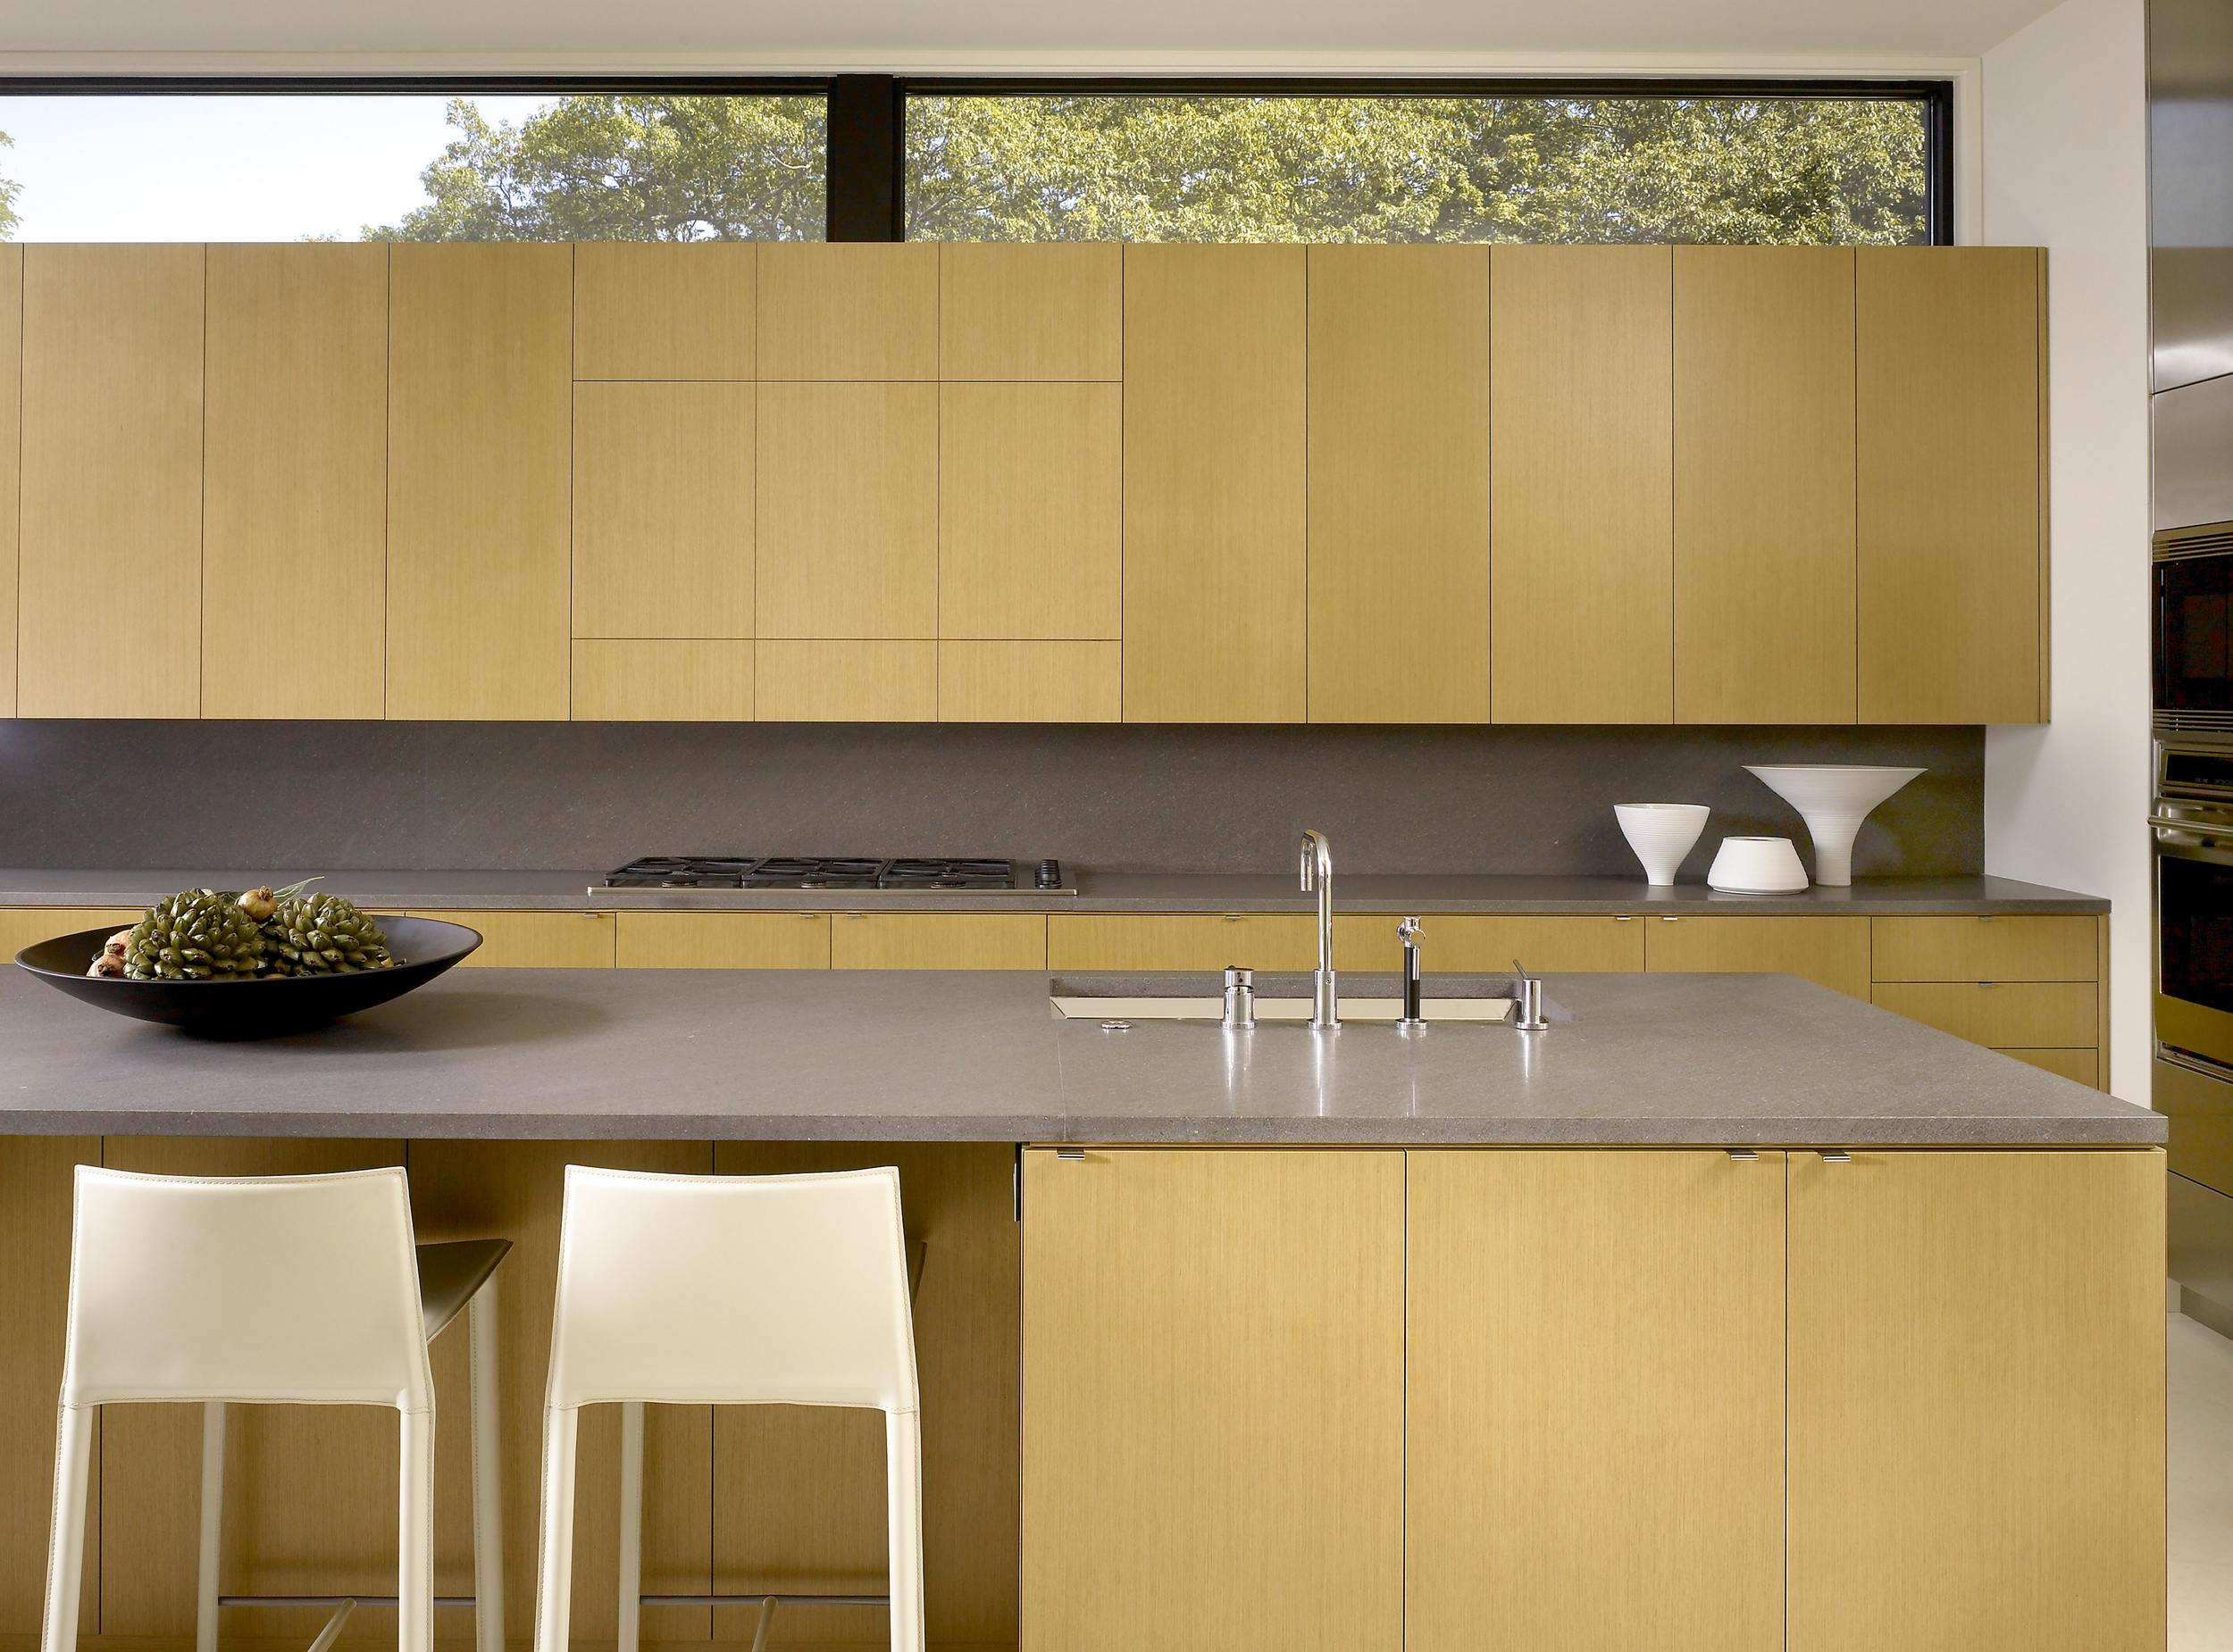 Kadlec Architecture + Design - Modern Lakefront Residence 5.jpg